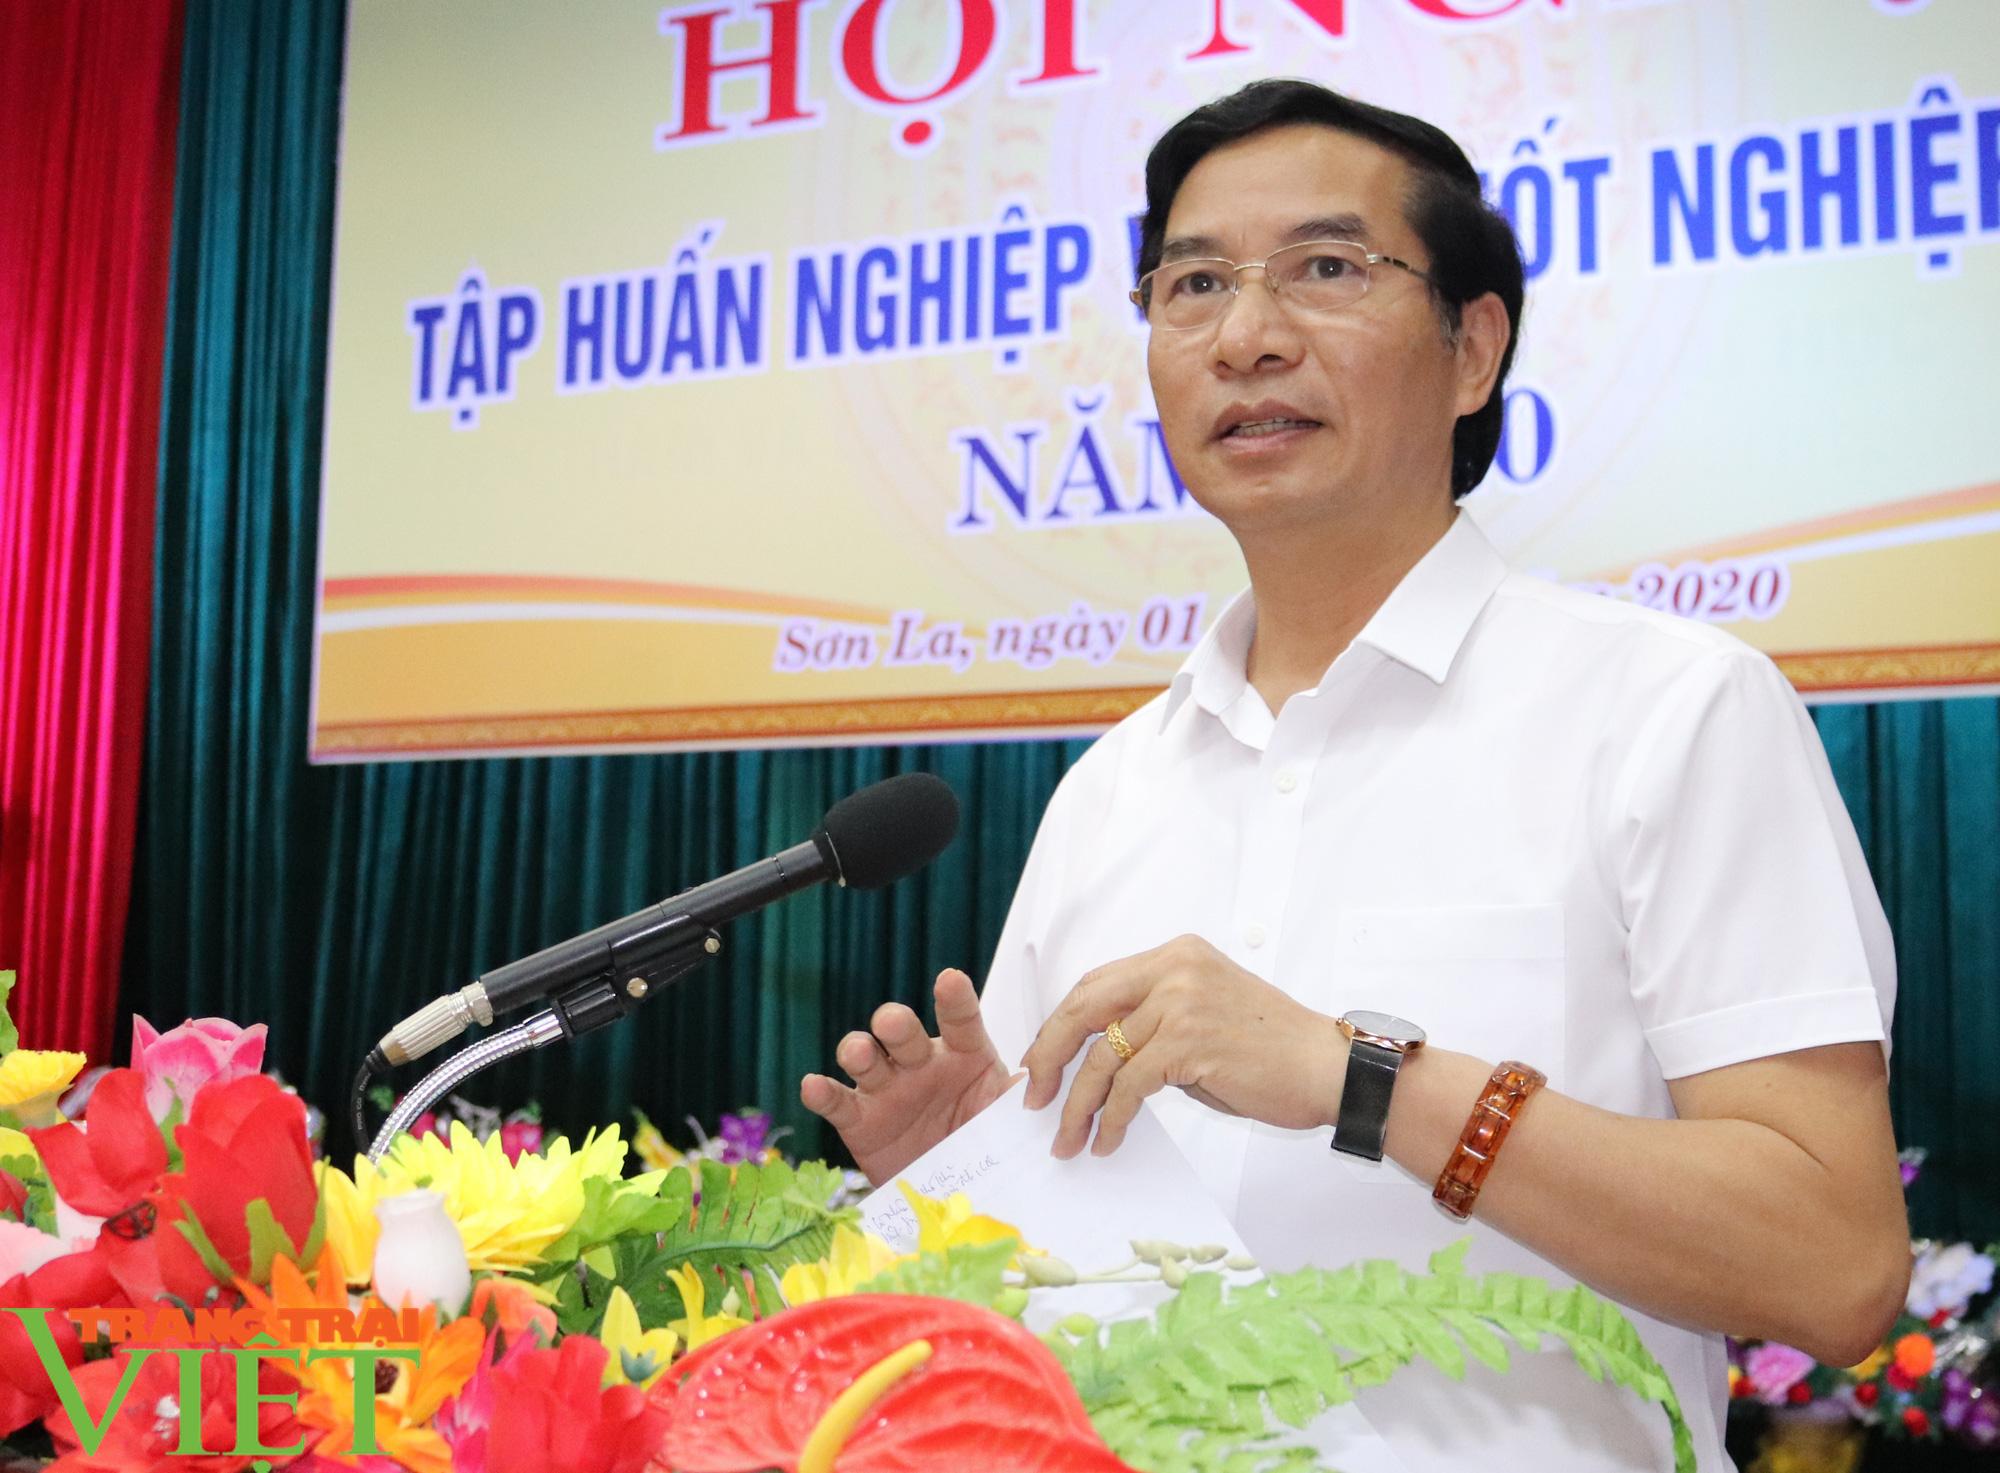 Sơn La: Hơn 1.000 cán bộ, giáo viên được tập huấn quy chế thi THPT năm 2020 - Ảnh 1.